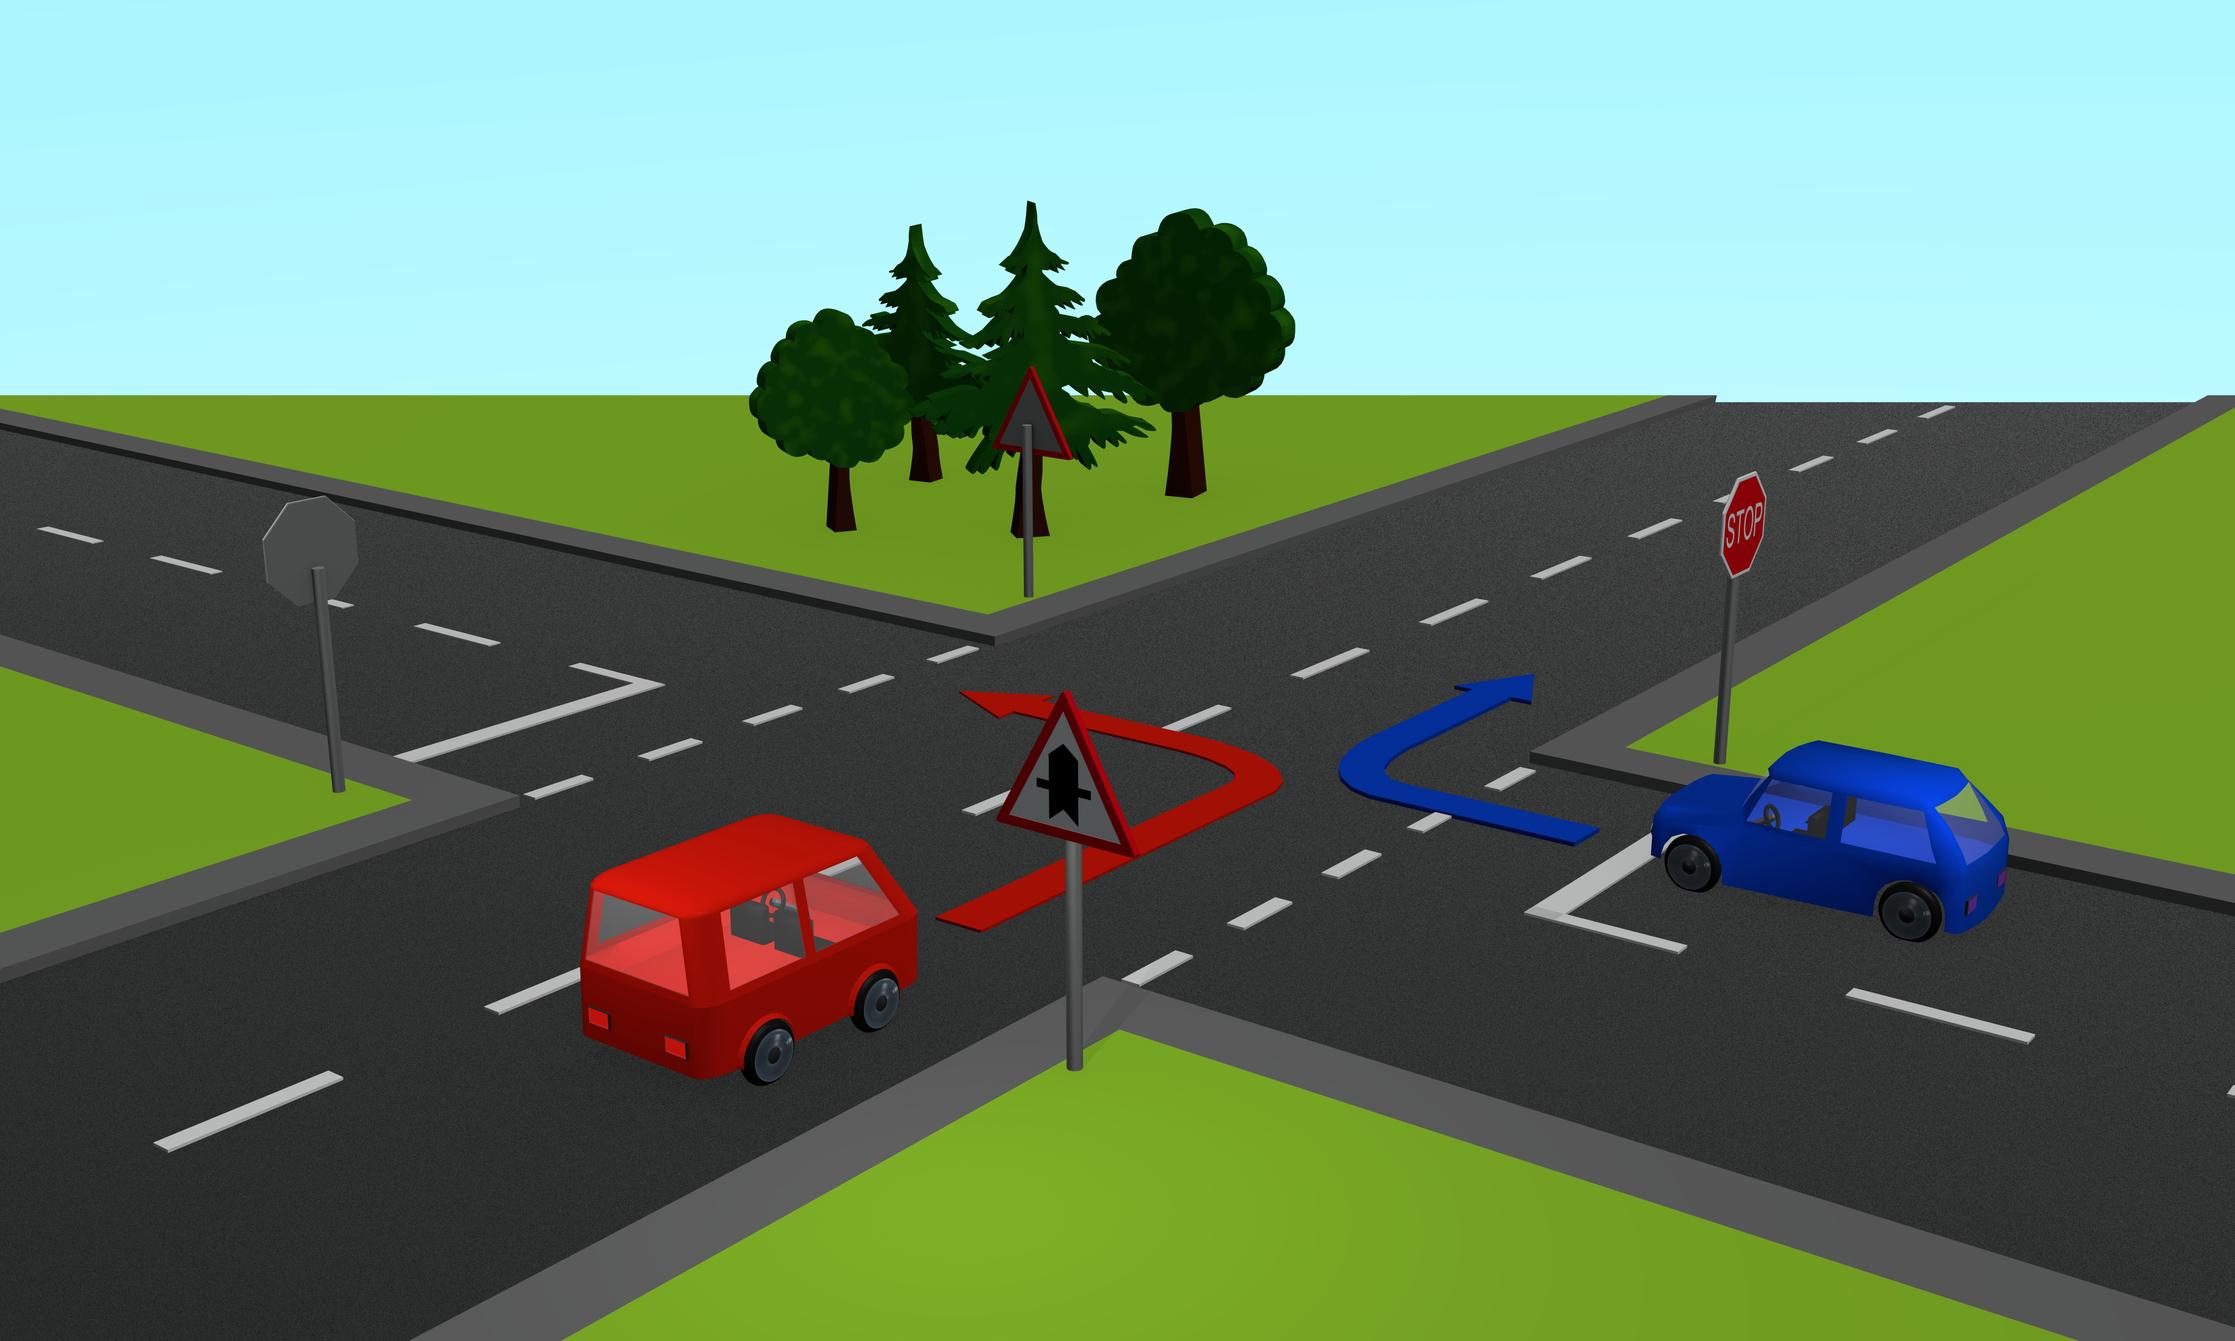 Melyik autó kanyarodhat be elsőként: a képen látható K, azaz kék vagy P, azaz piros autó?